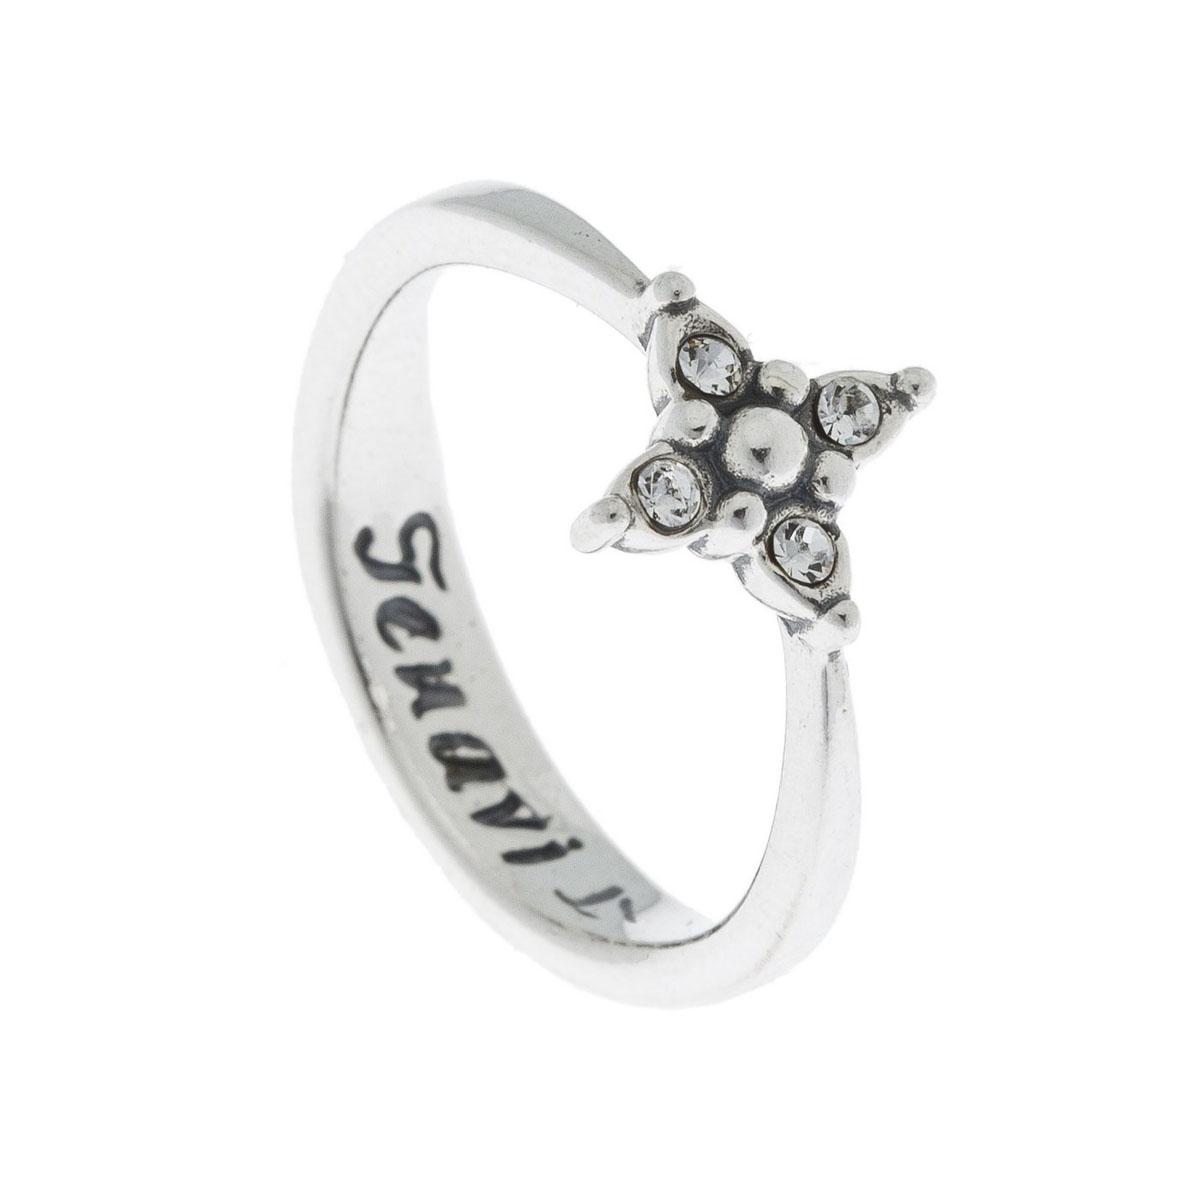 Кольцо Jenavi Эги, цвет: серебро, белый. k5013000. Размер 16k5013000Коллекция Э, Эги (Кольцо) гипоаллергенный ювелирный сплав,Черненое серебро, вставка Кристаллы Swarovski